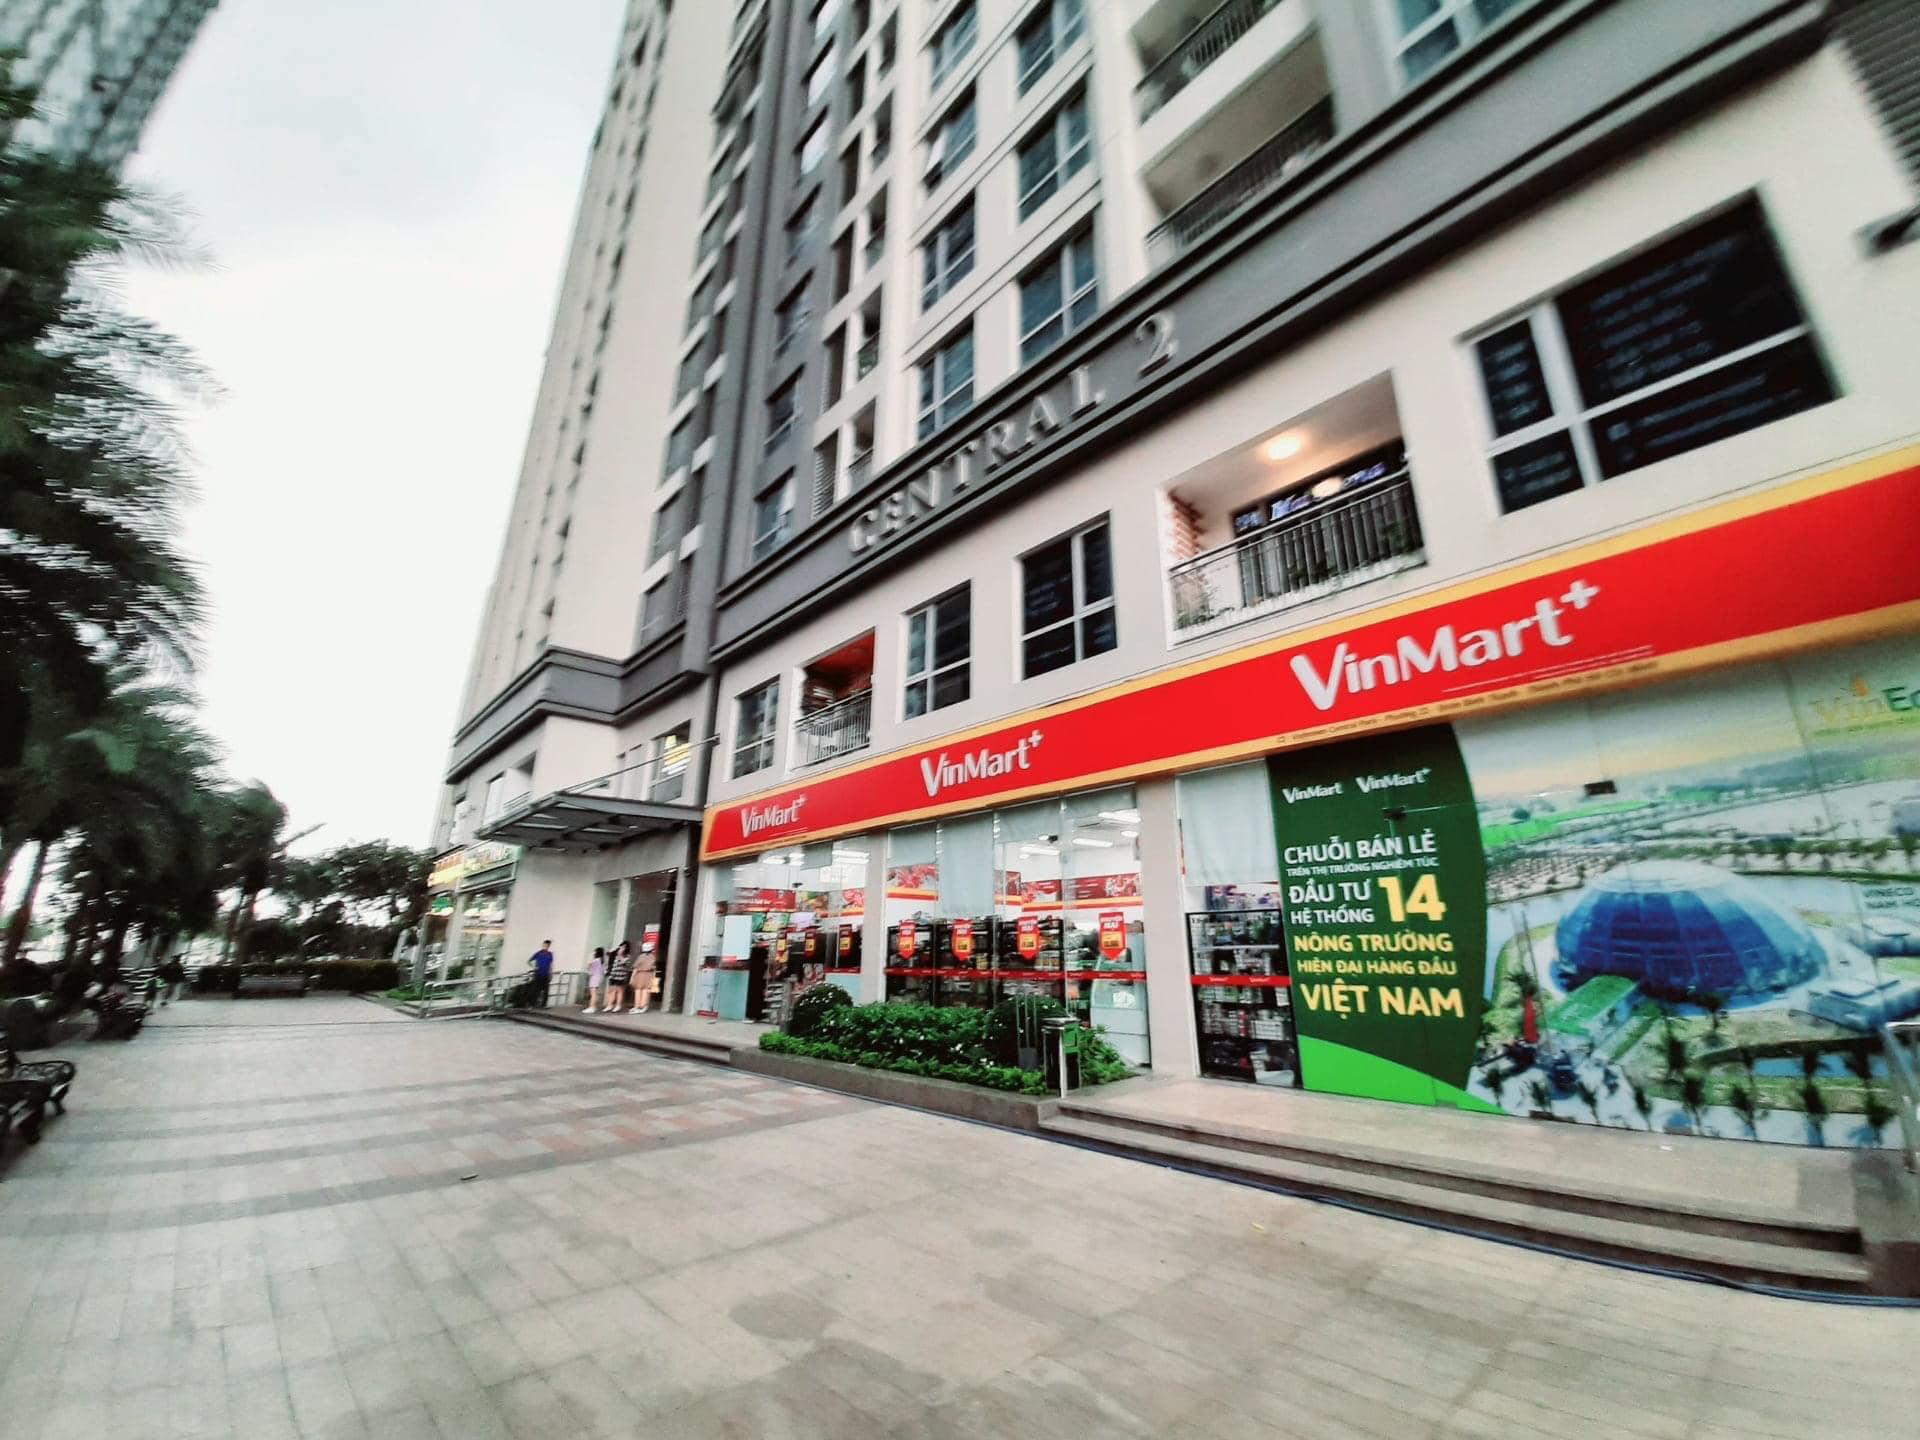 Thuê Shophouse Topaz Quận 8 mở siêu thị Vinmark